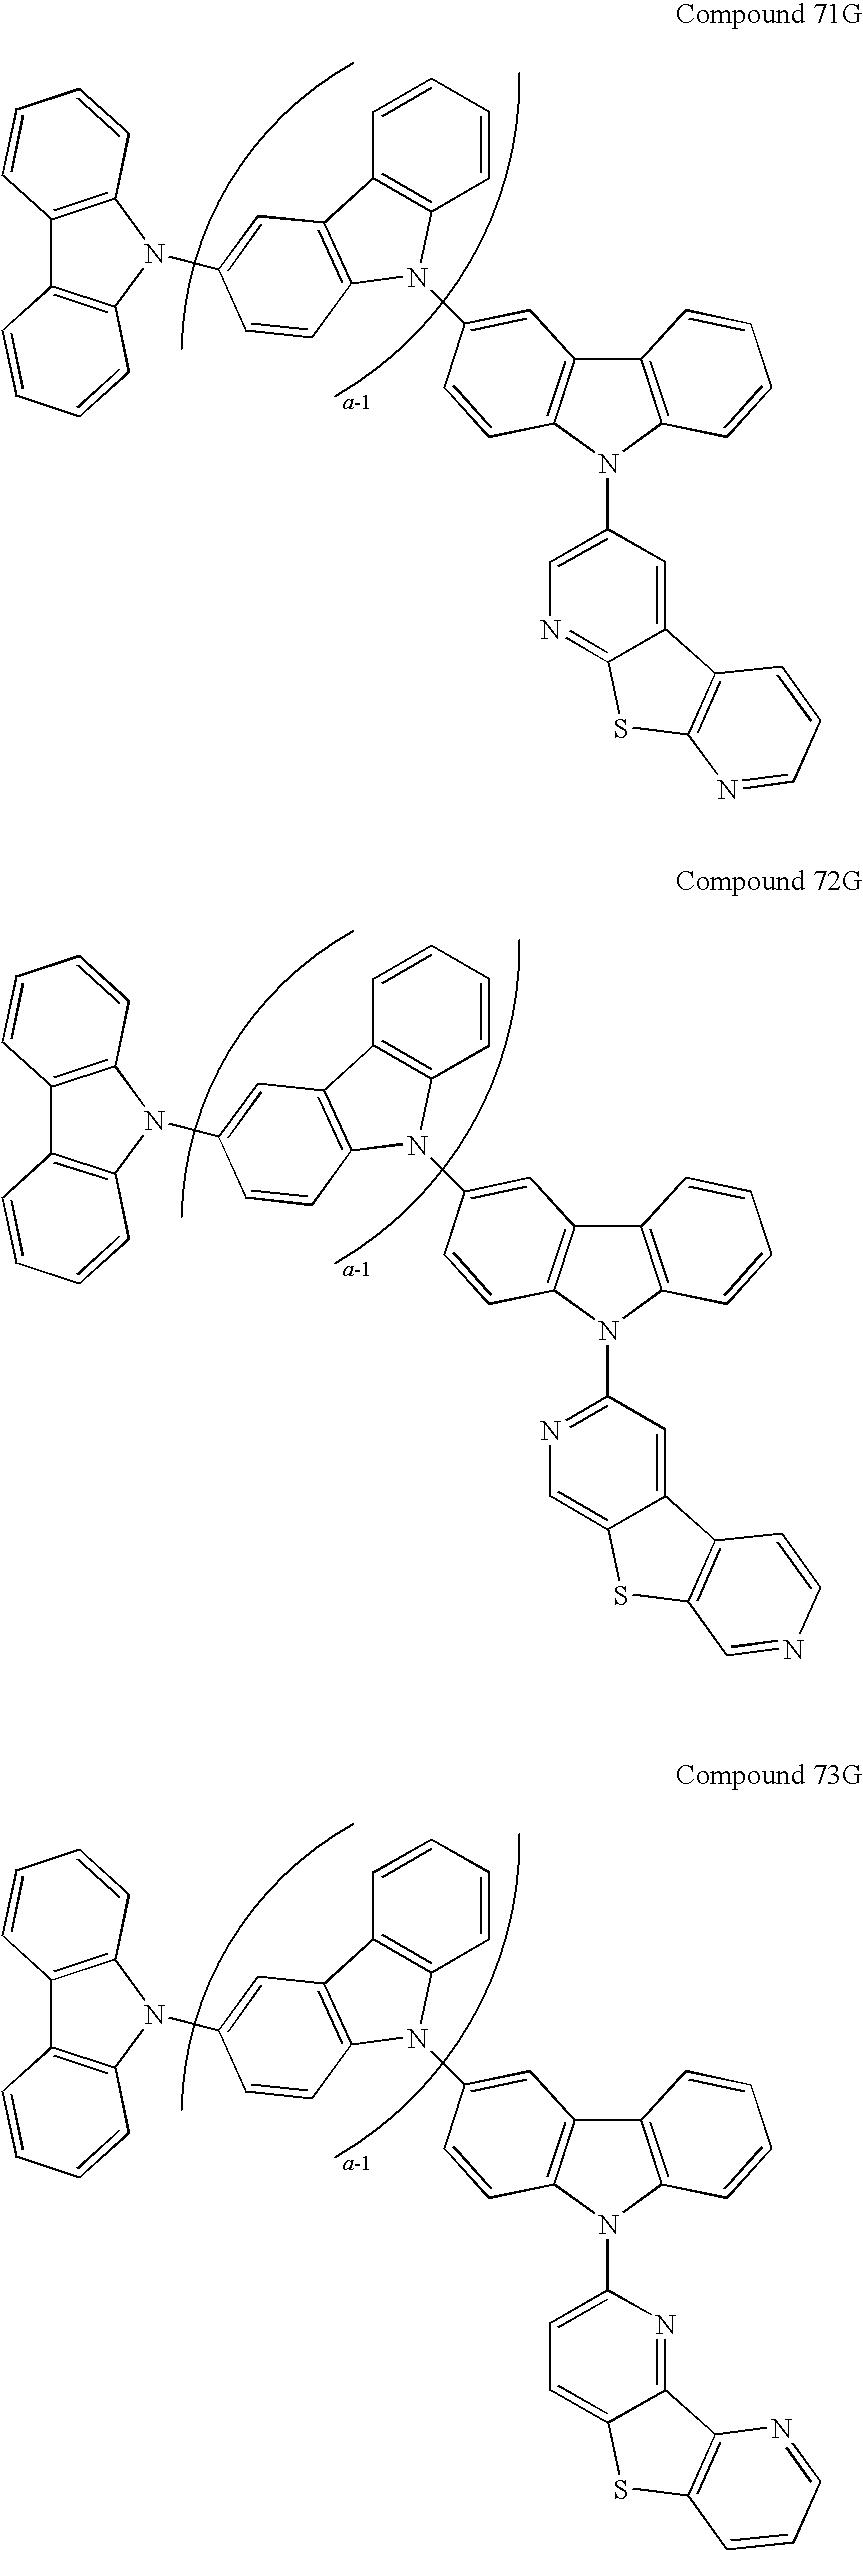 Figure US20090134784A1-20090528-C00179